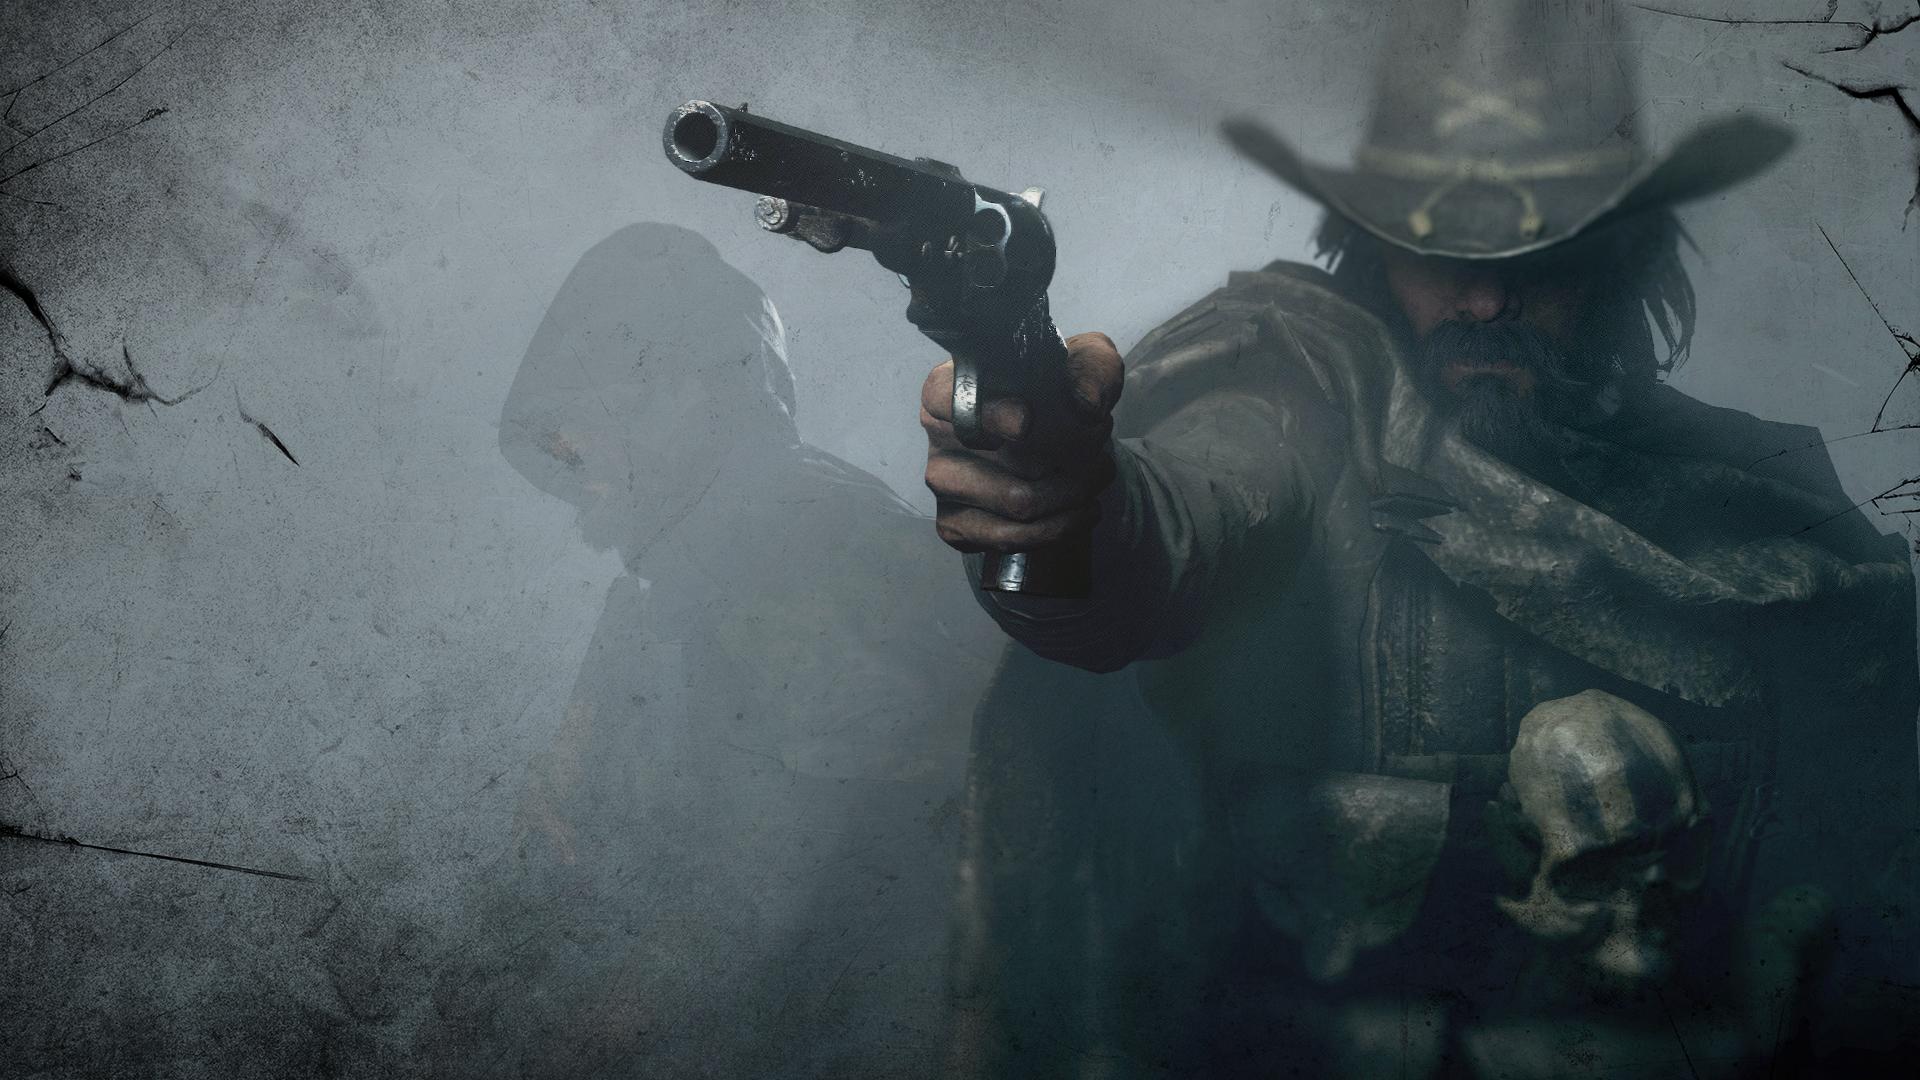 hunt showdown hd wallpapers 33252 2290285